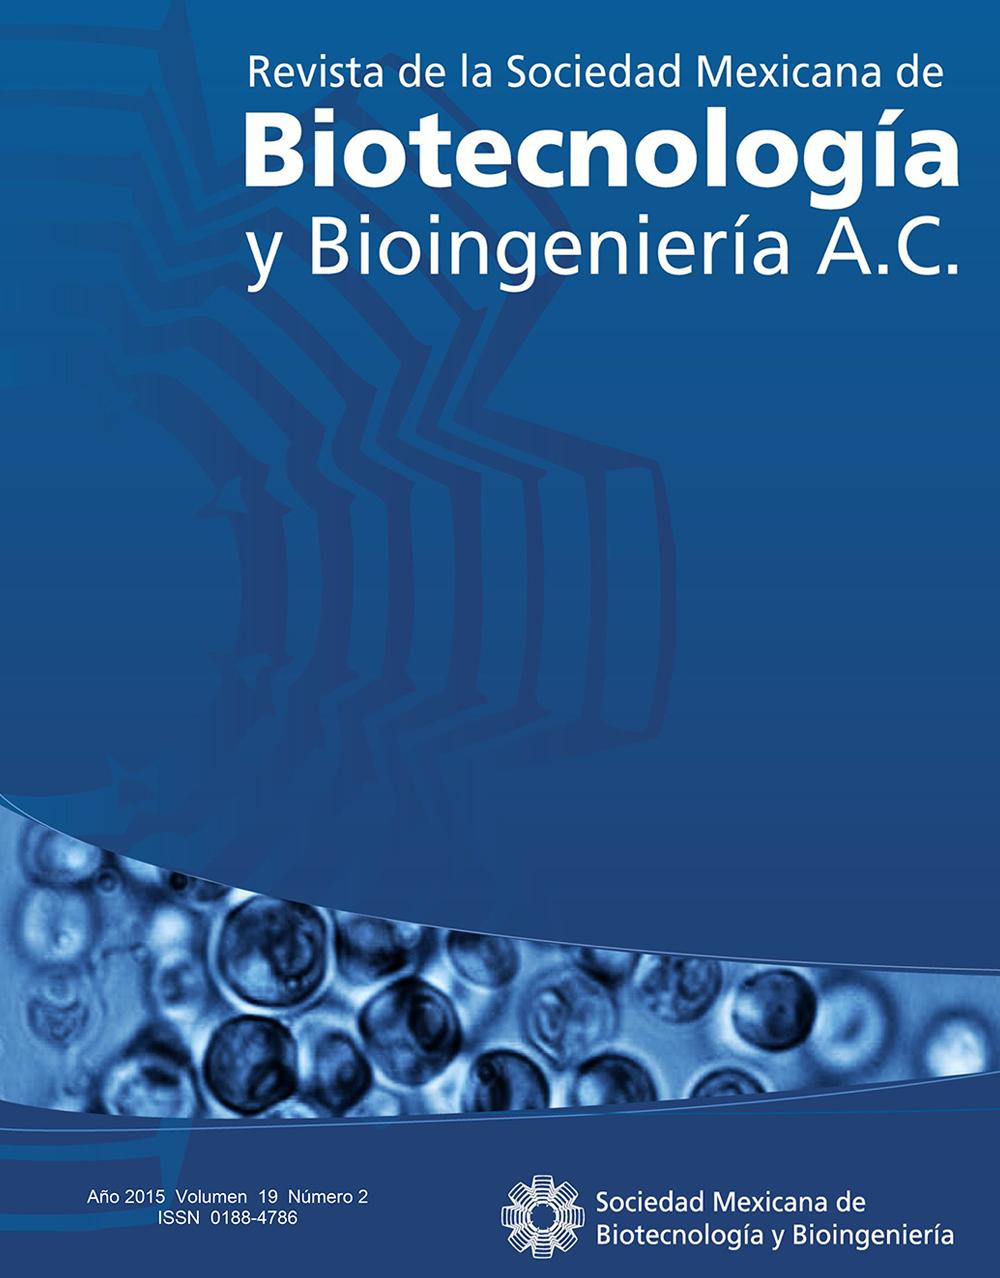 REVISTA BIOTECNOLOGÍA 2015 Vol. 19 Nº2